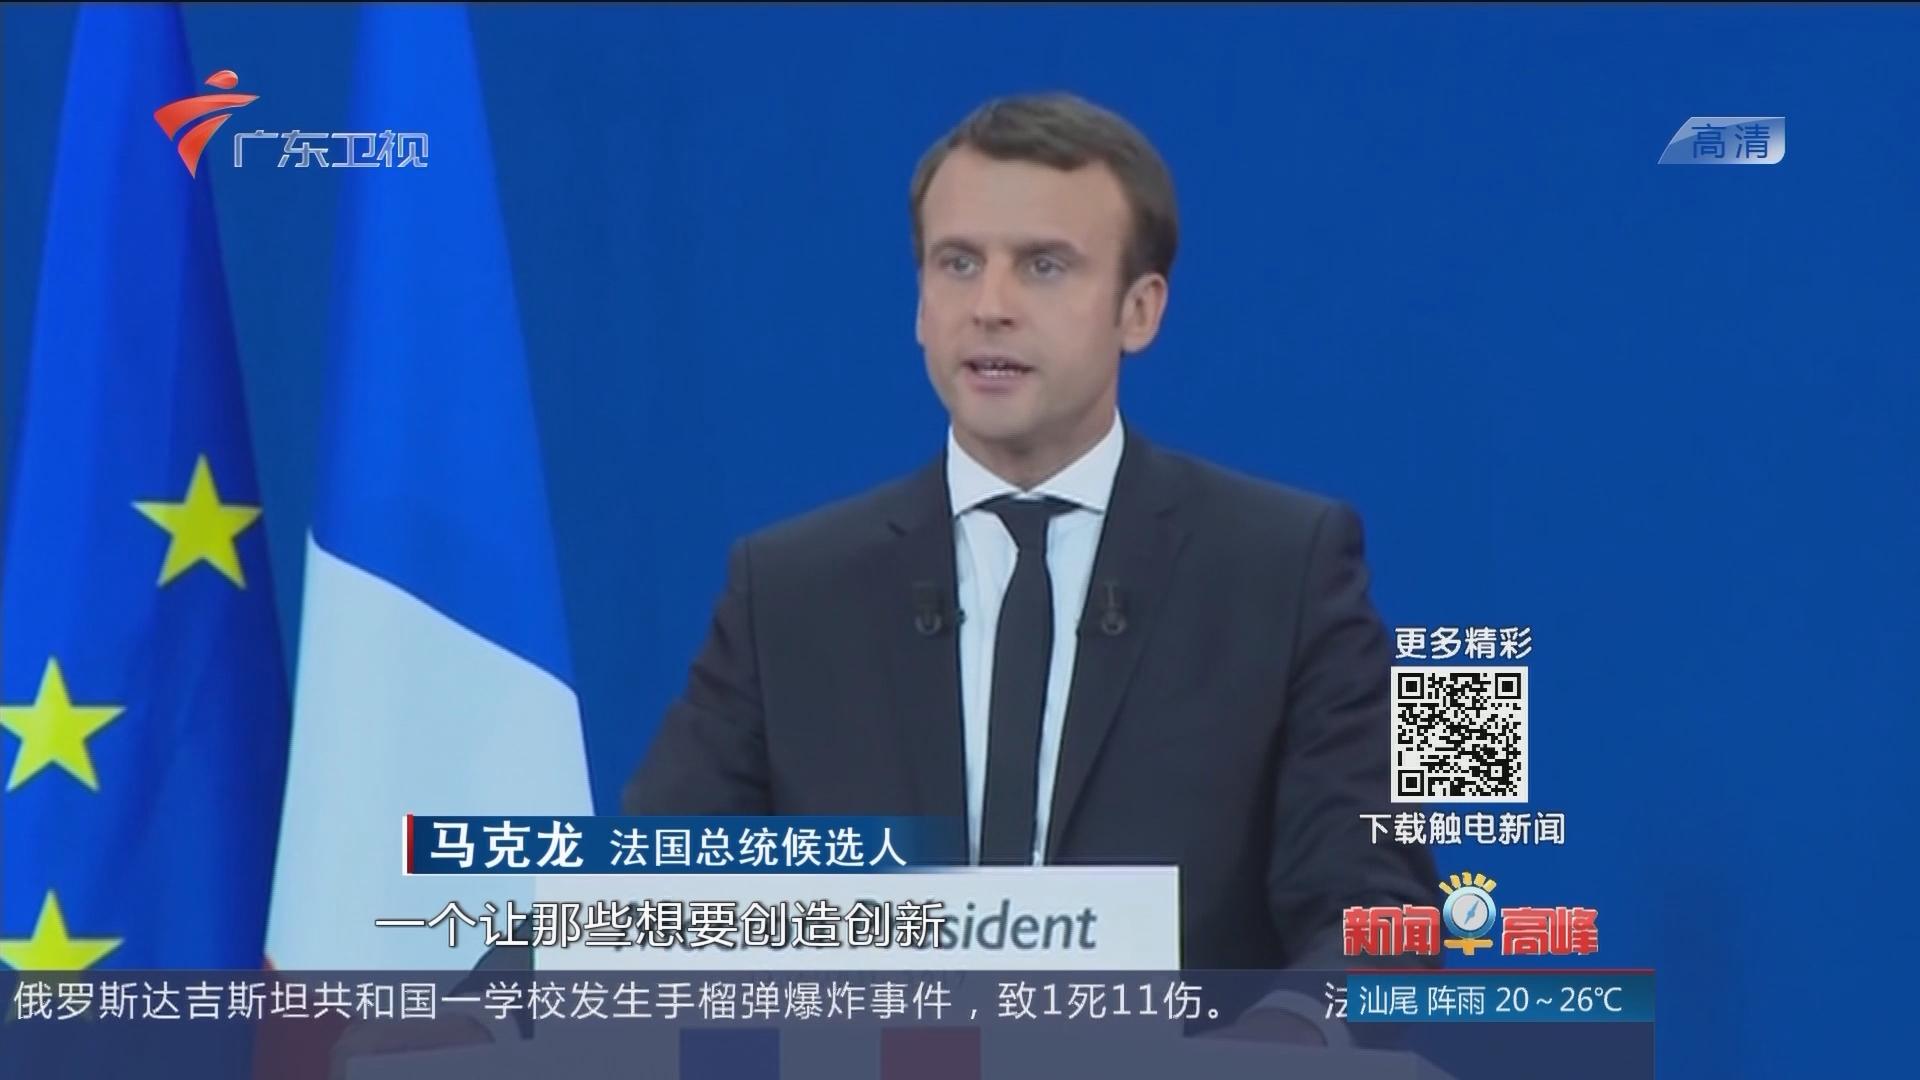 """""""非左非右""""马克龙如何爱法国?继拿破仑之后 法国最年轻的领导人"""